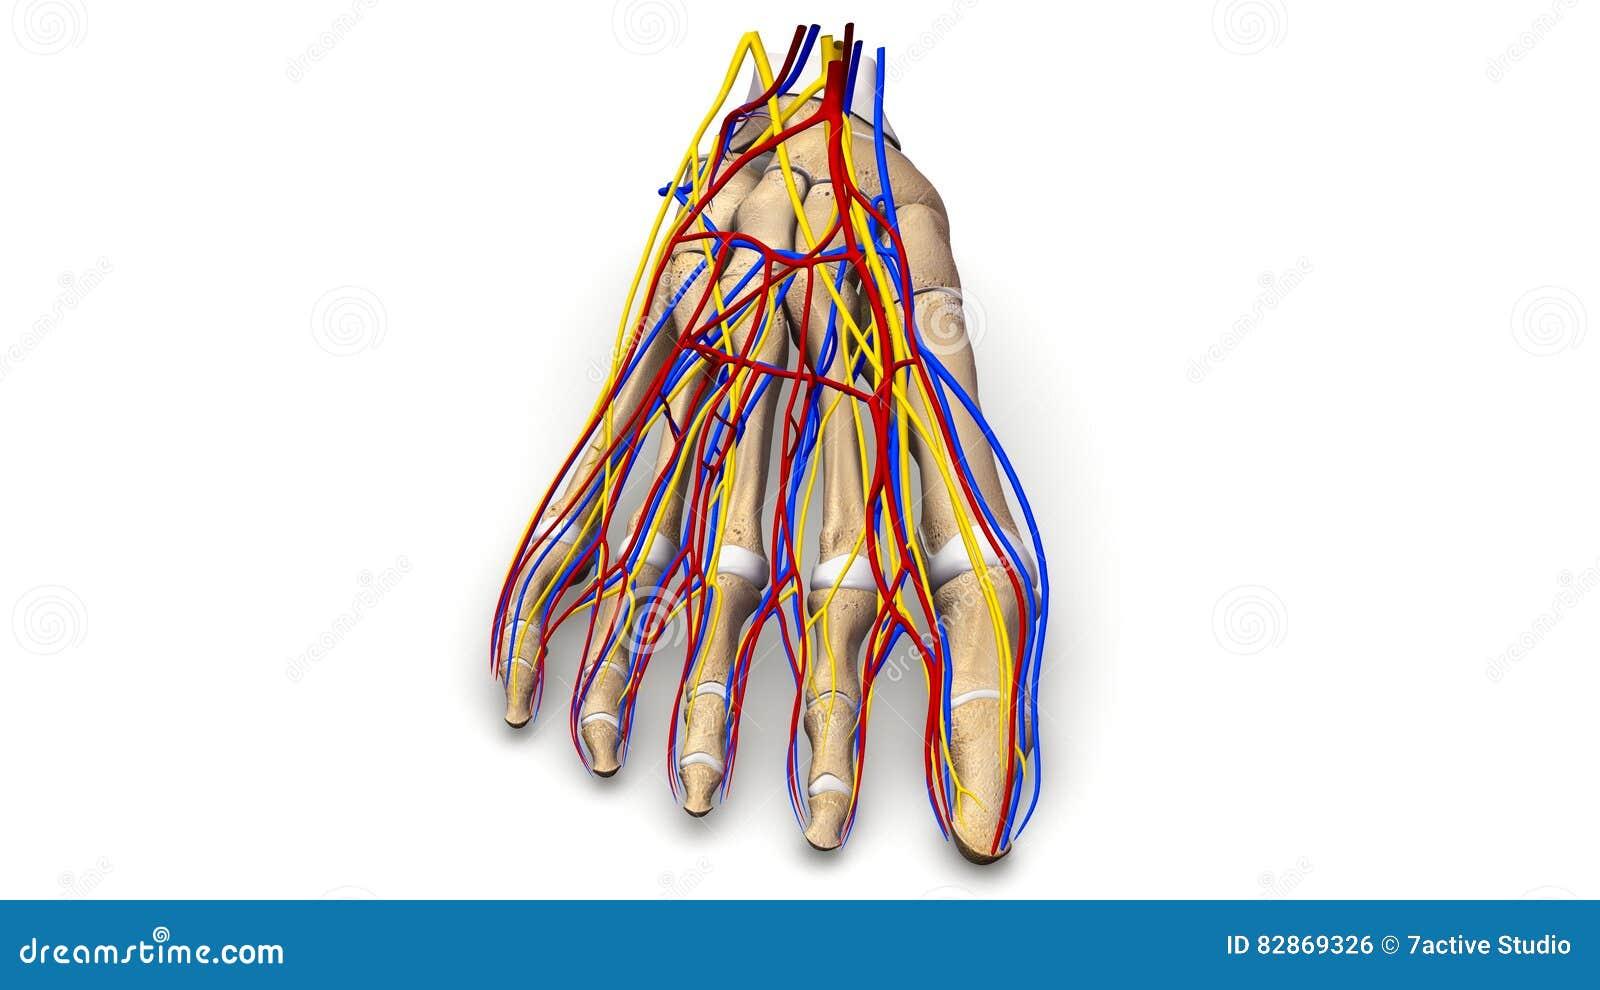 Ziemlich Toe Nerven Bilder - Menschliche Anatomie Bilder ...